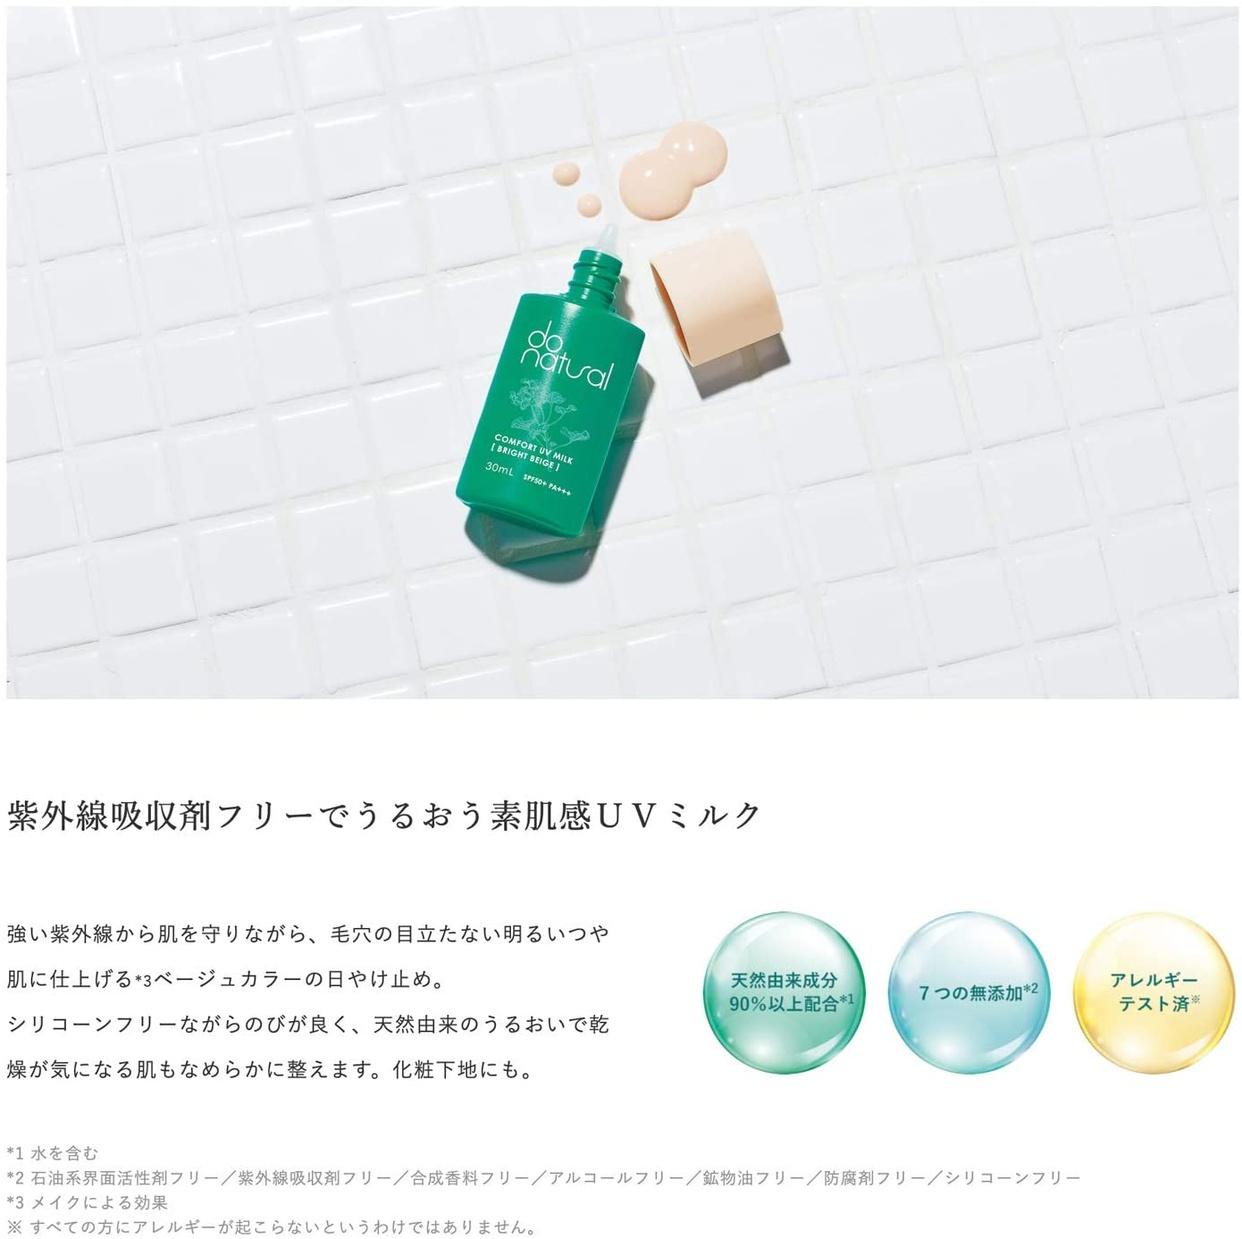 do natural(ドゥーナチュラル) コンフォート UV ミルクの商品画像3